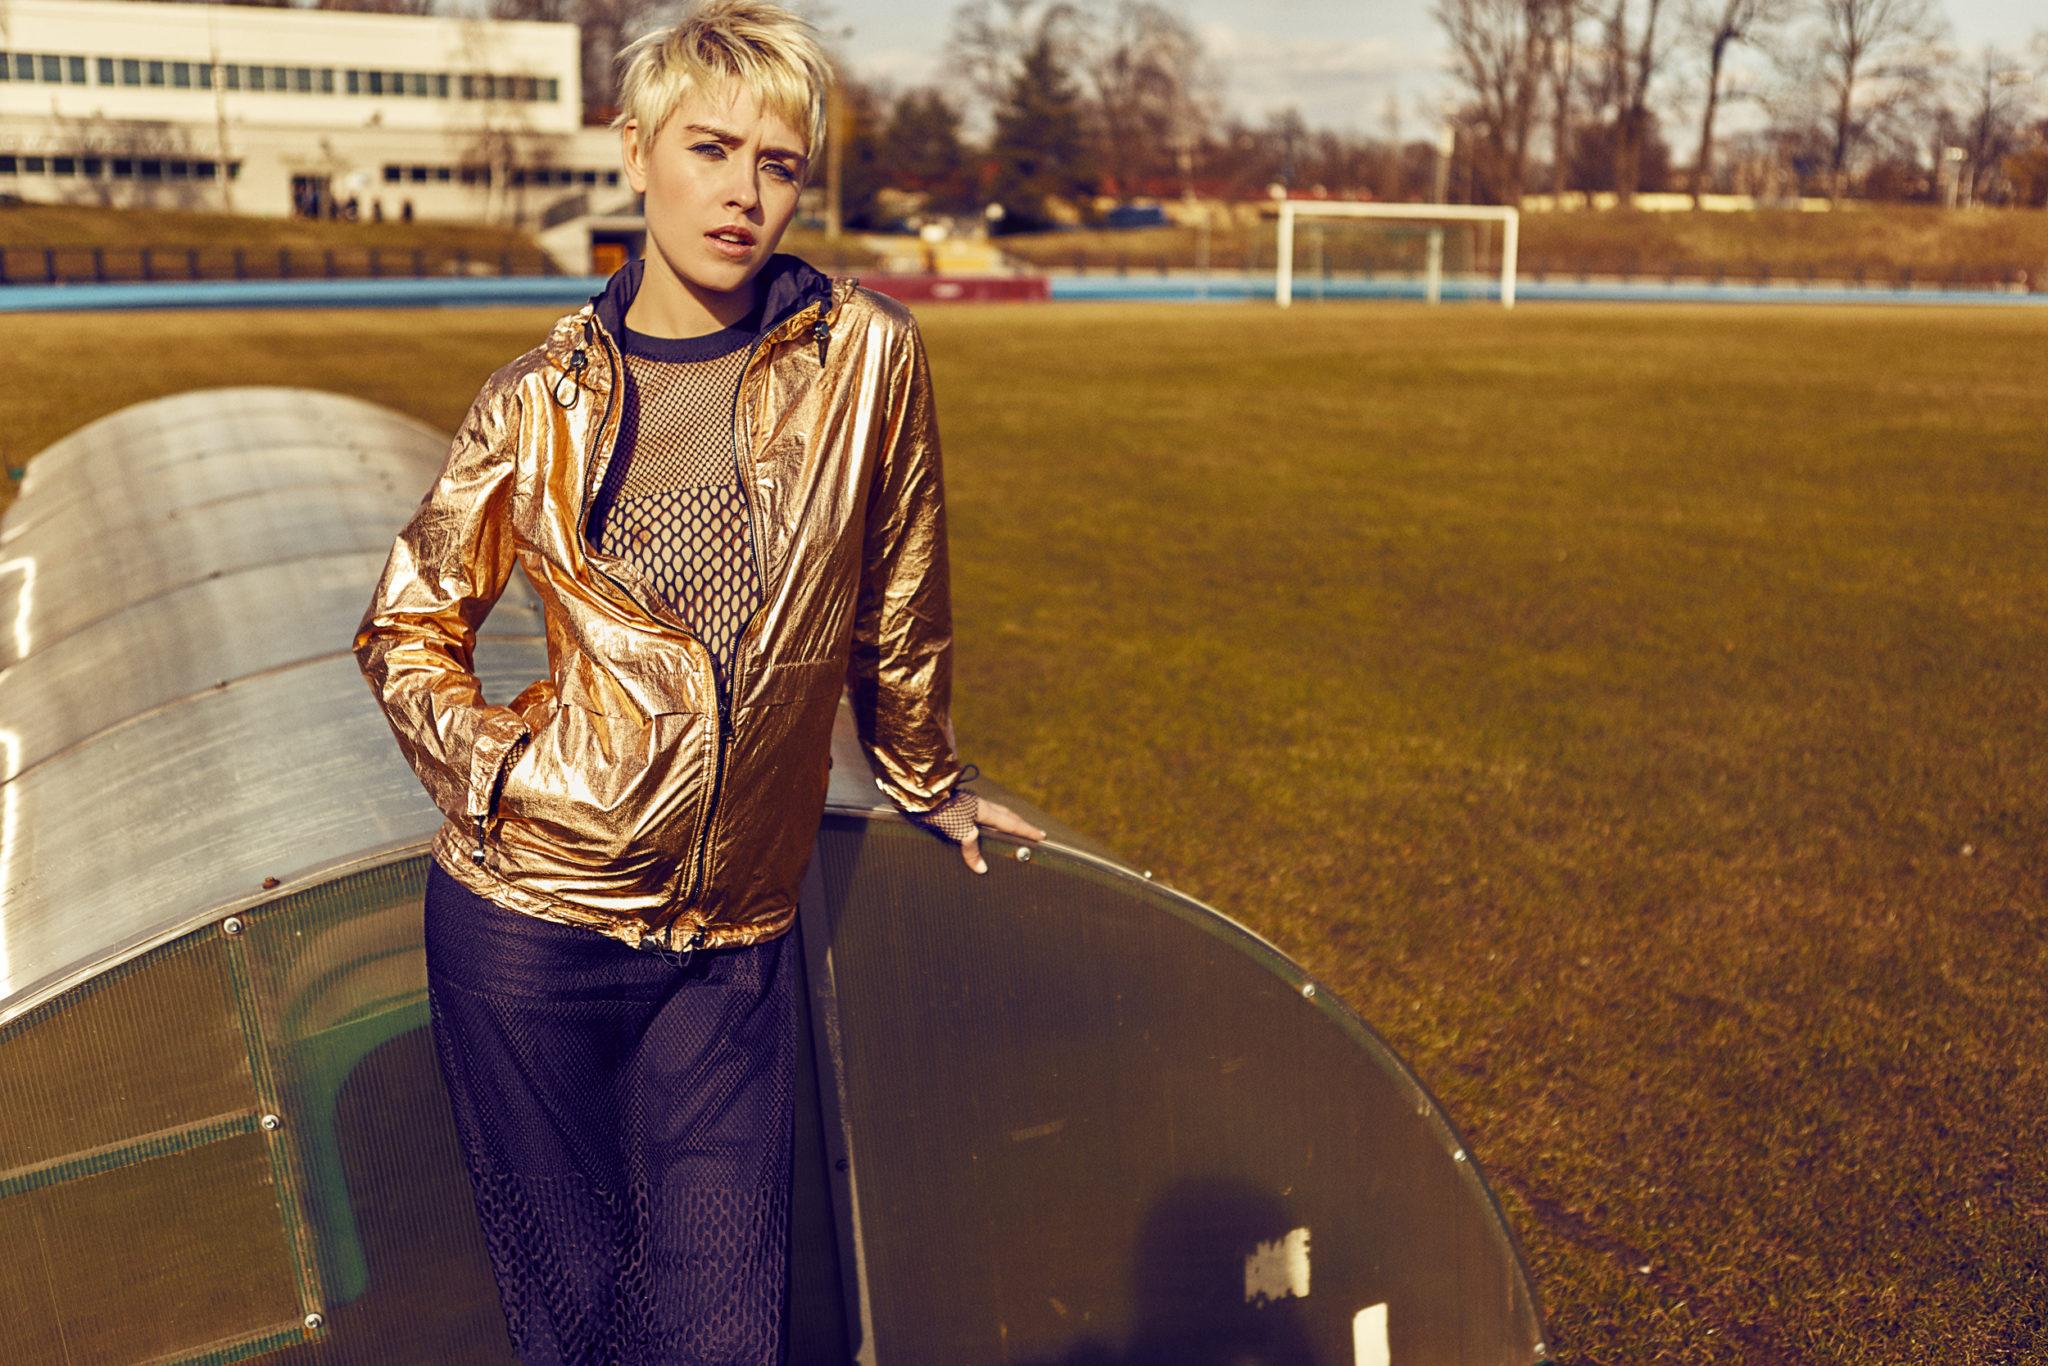 Dziewczyna stojąca na boisku w granatowych spodniach i złotej kurtce